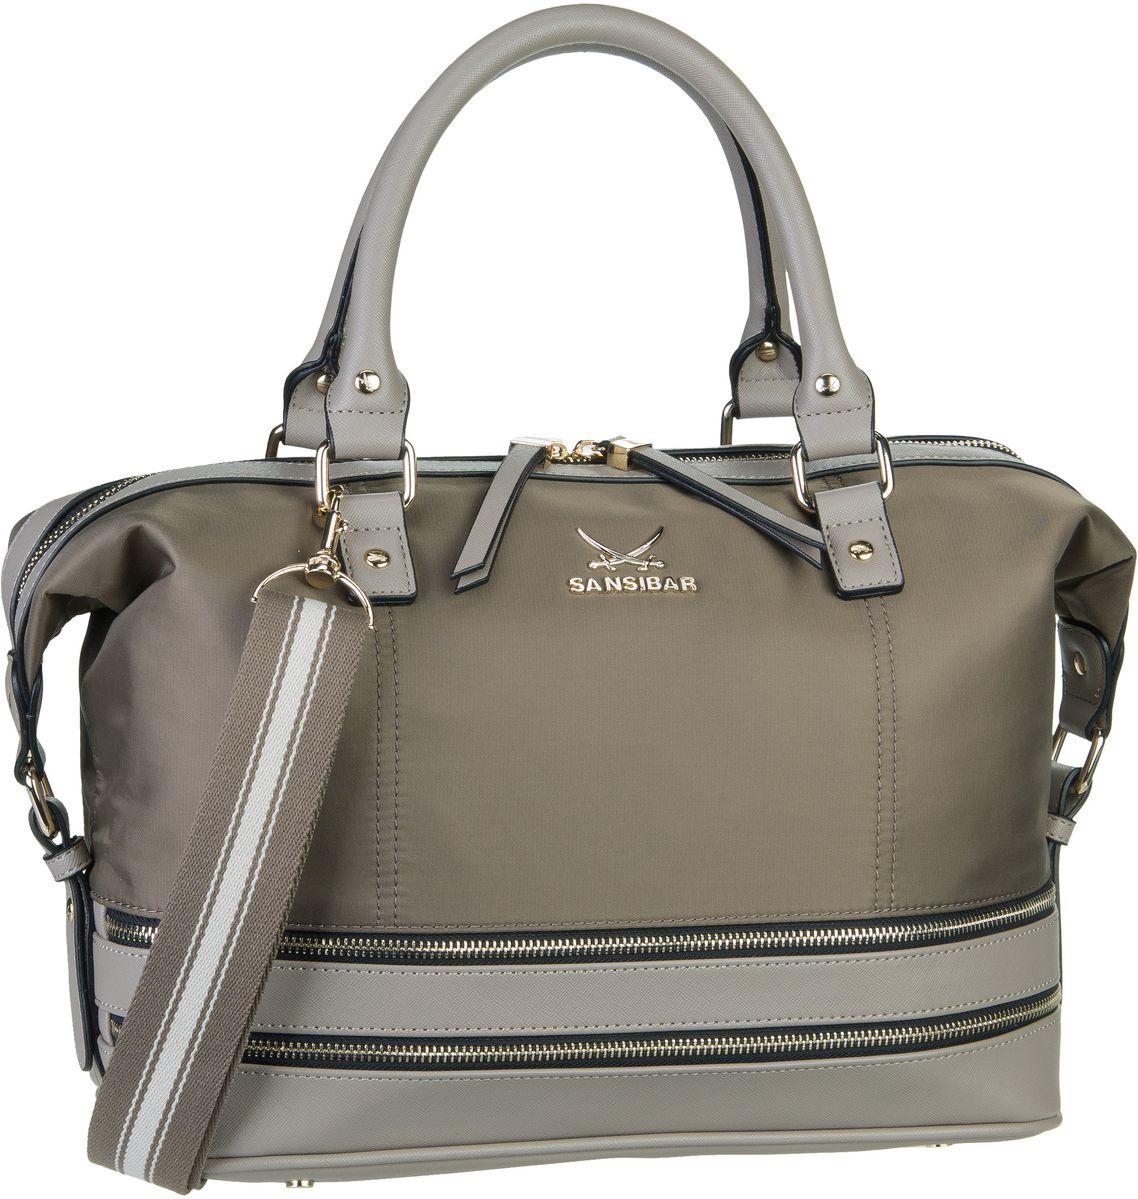 Handtasche Zip Bag 1273 Sand